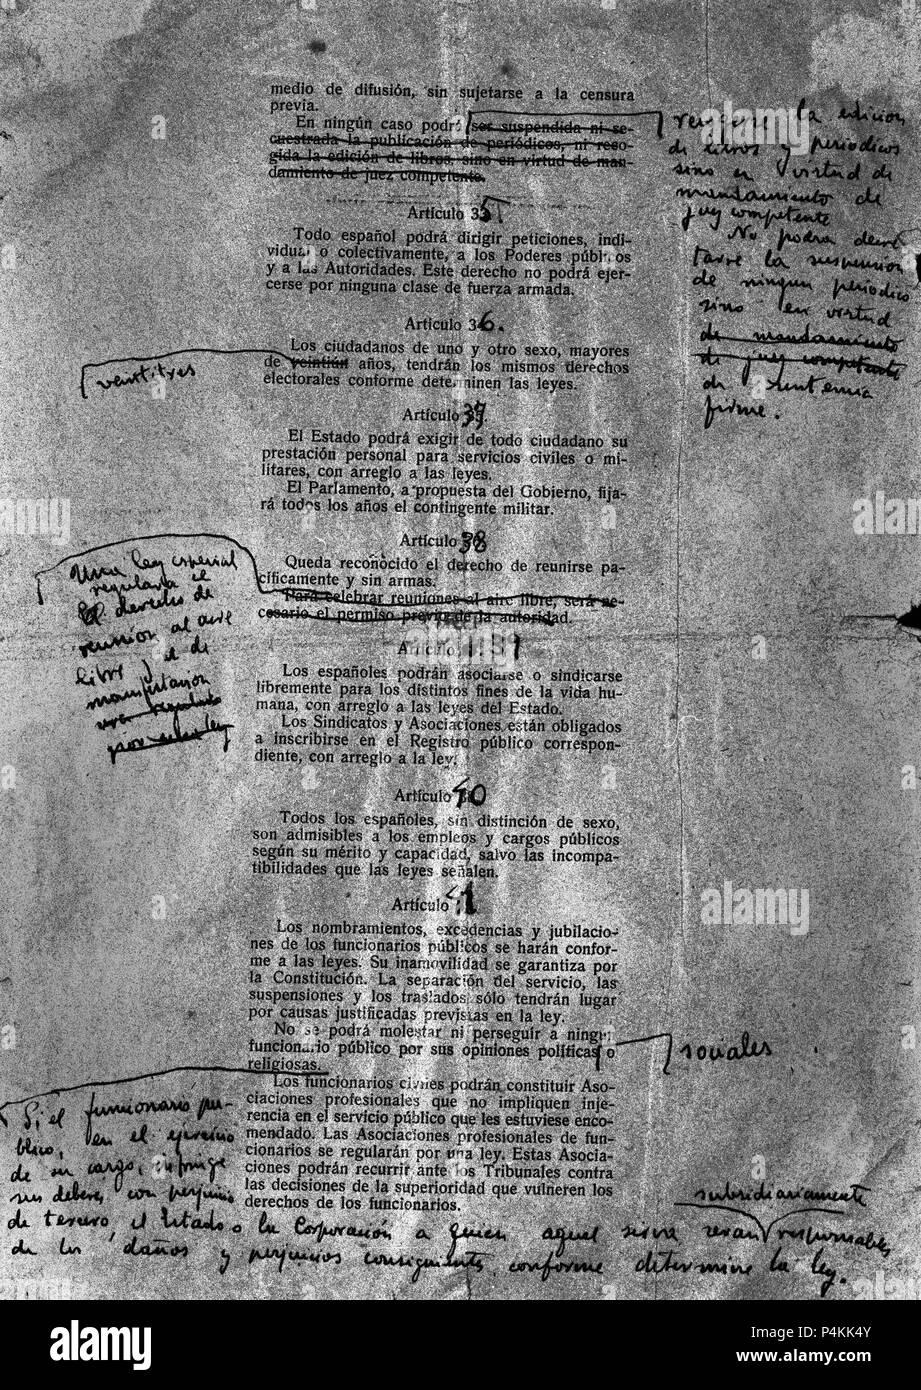 ANOTACIONES A MANO EN UN BORRADOR DE LA CONSTITUCION ESPAÑOLA DE 1978. Location: FUNDACION PABLO IGLESIAS, MADRID, SPAIN. Stock Photo